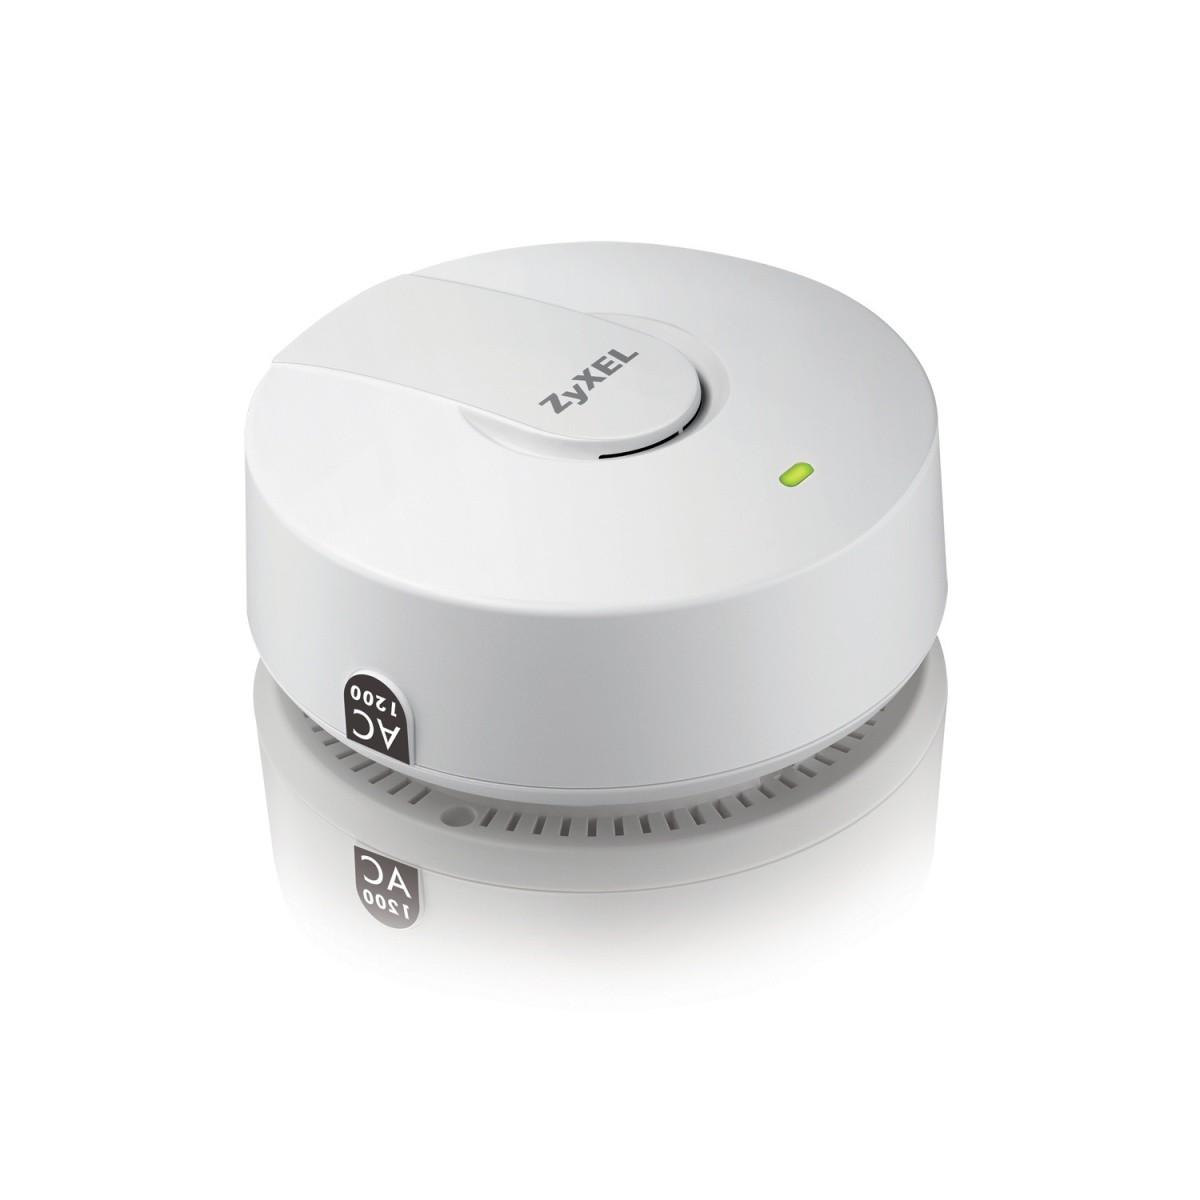 WNWA5123-AC Access Point AP 802.11ac 2x2                  NWA5123-AC-EU0101F - Lifetime Warranty